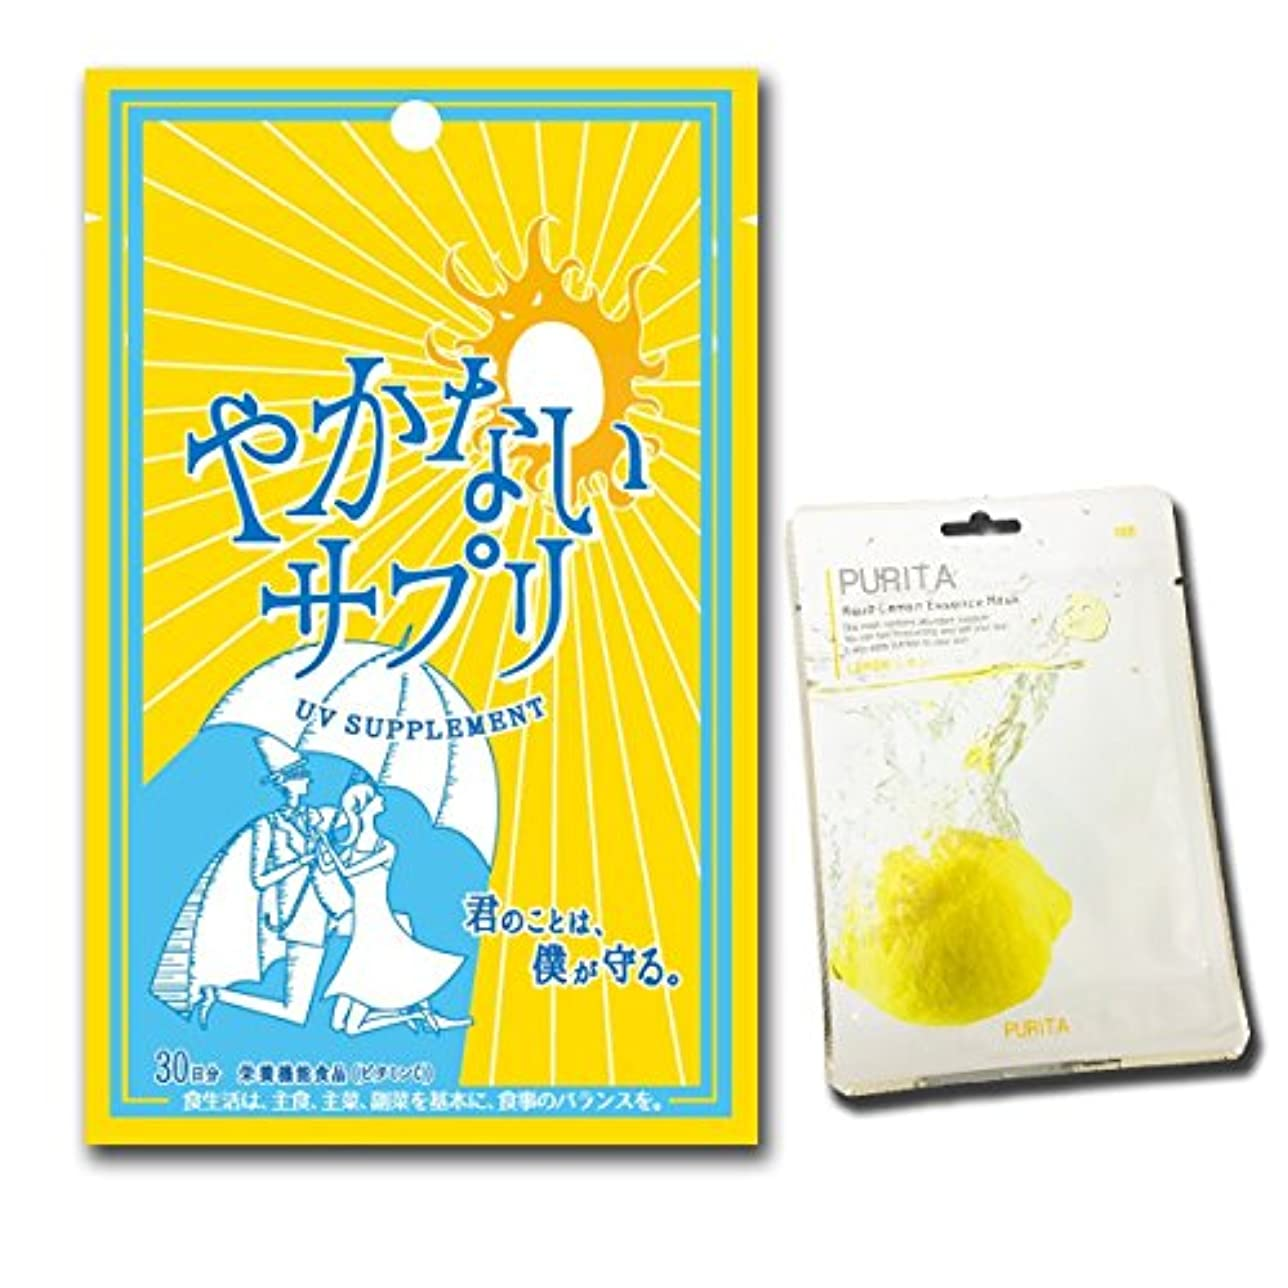 中で倫理的王室飲む日焼け止め やかないサプリ 日本製 (30粒/30日分) PURITAフェイスマスク1枚付